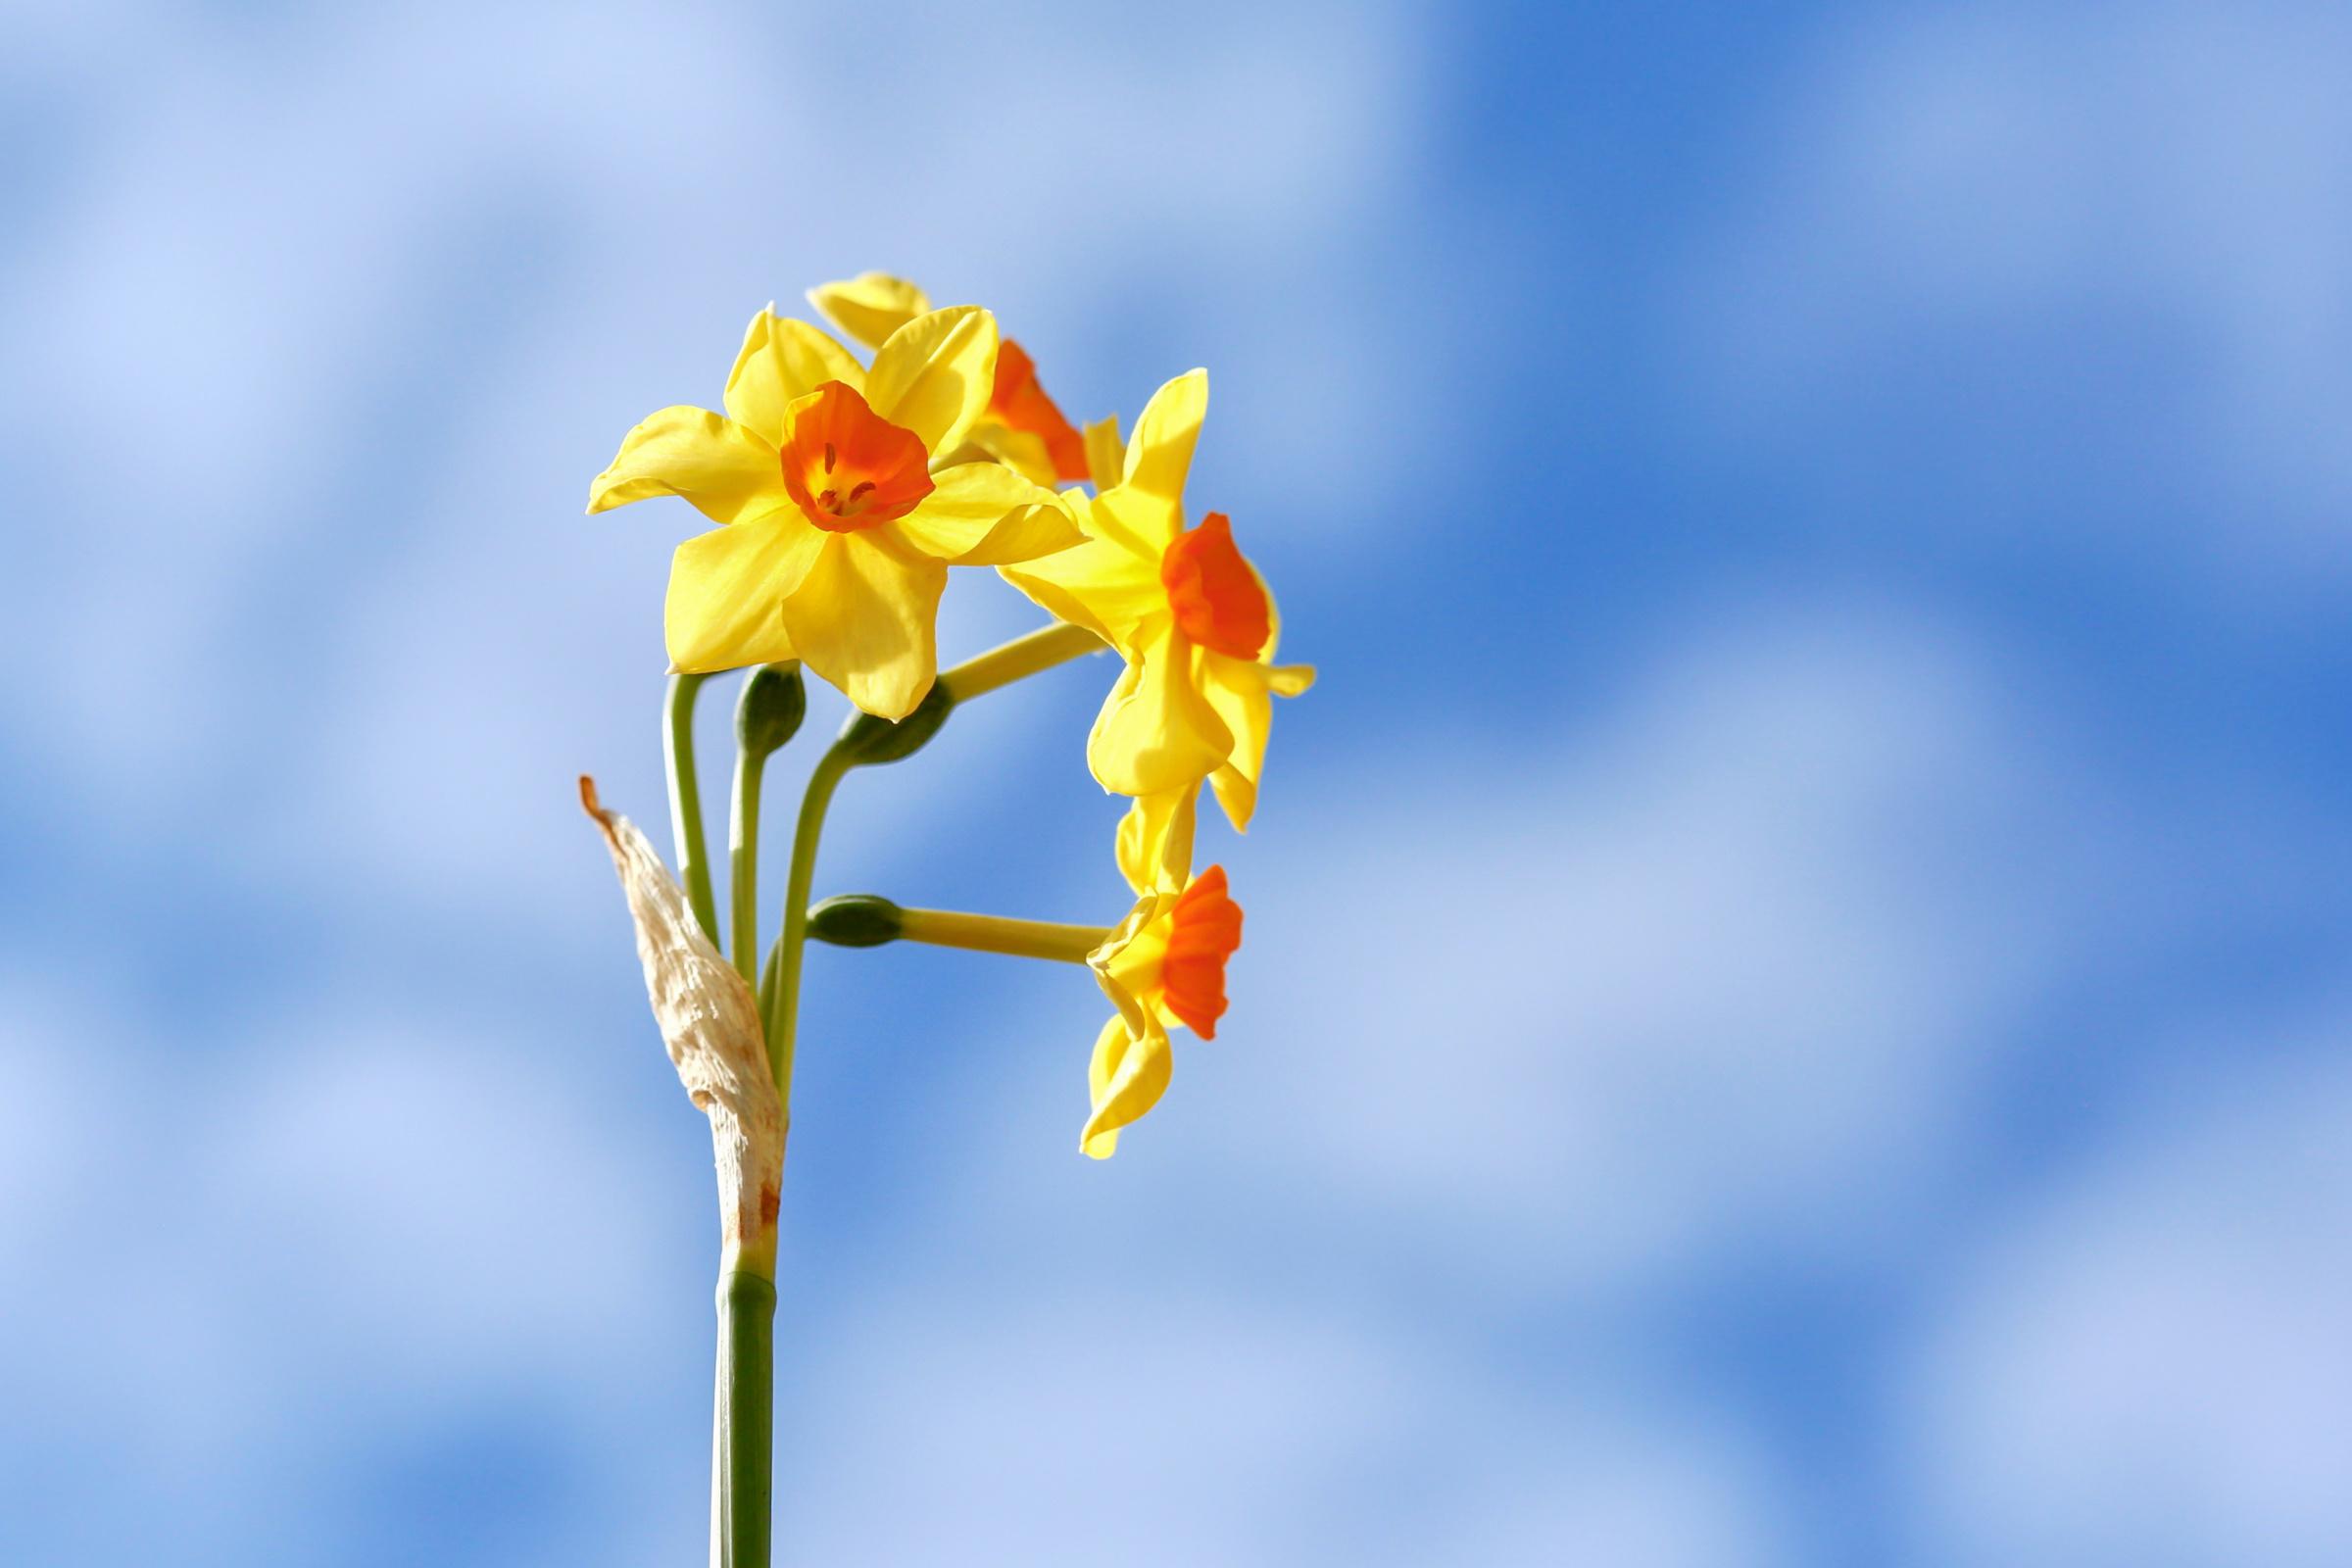 Bilder Gelb Blumen Narzissen hautnah 2400x1600 Blüte Nahaufnahme Großansicht